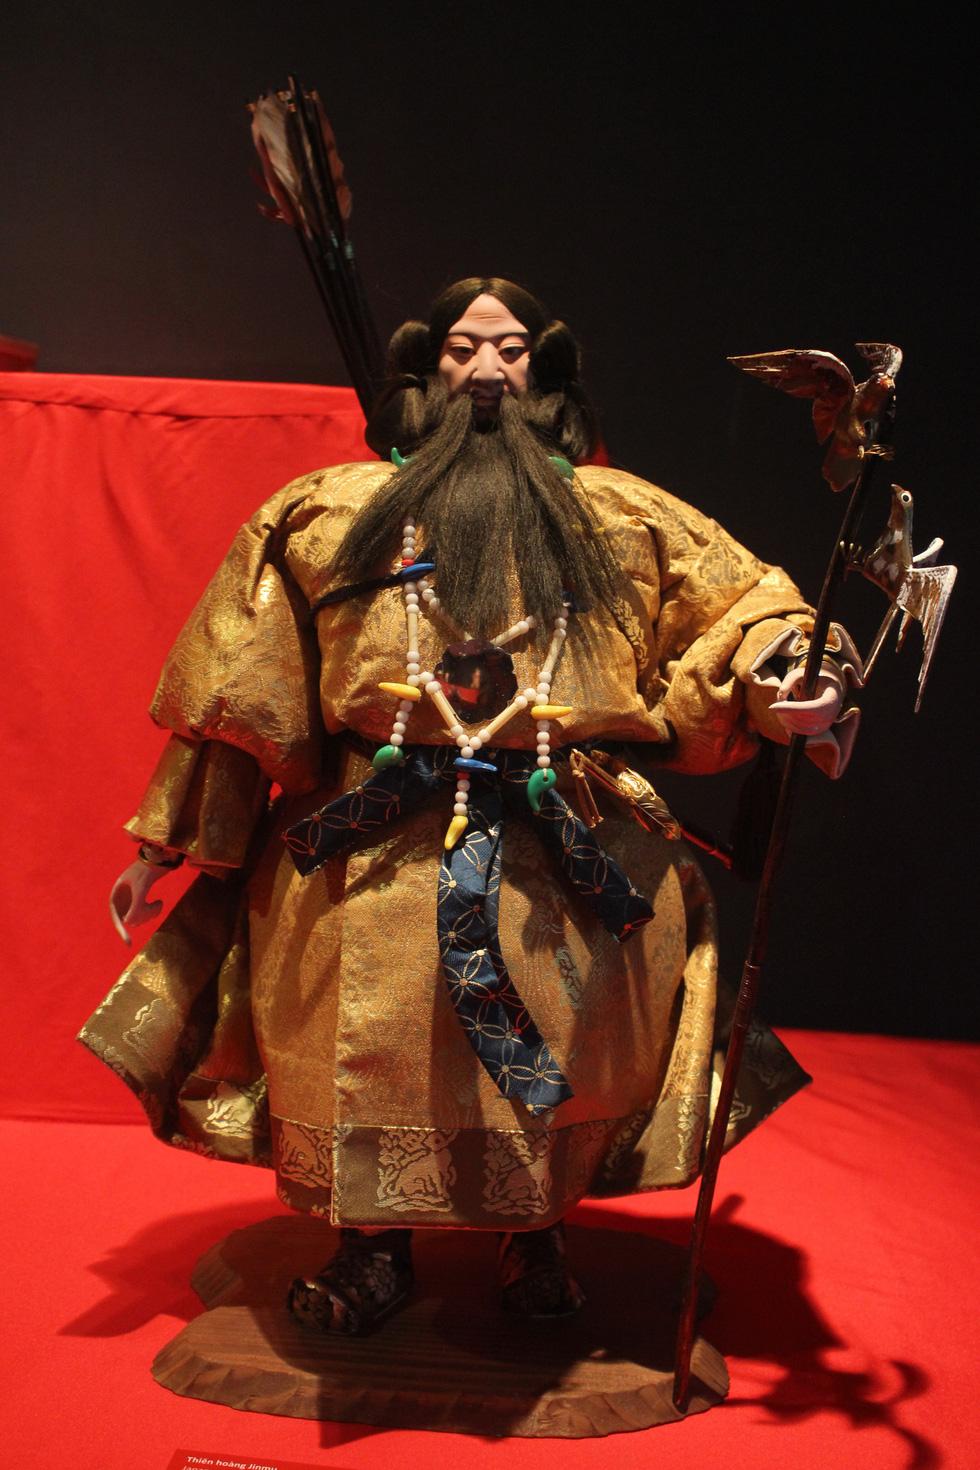 Bí ẩn thế giới búp bê truyền thống Nhật Bản - Ảnh 16.